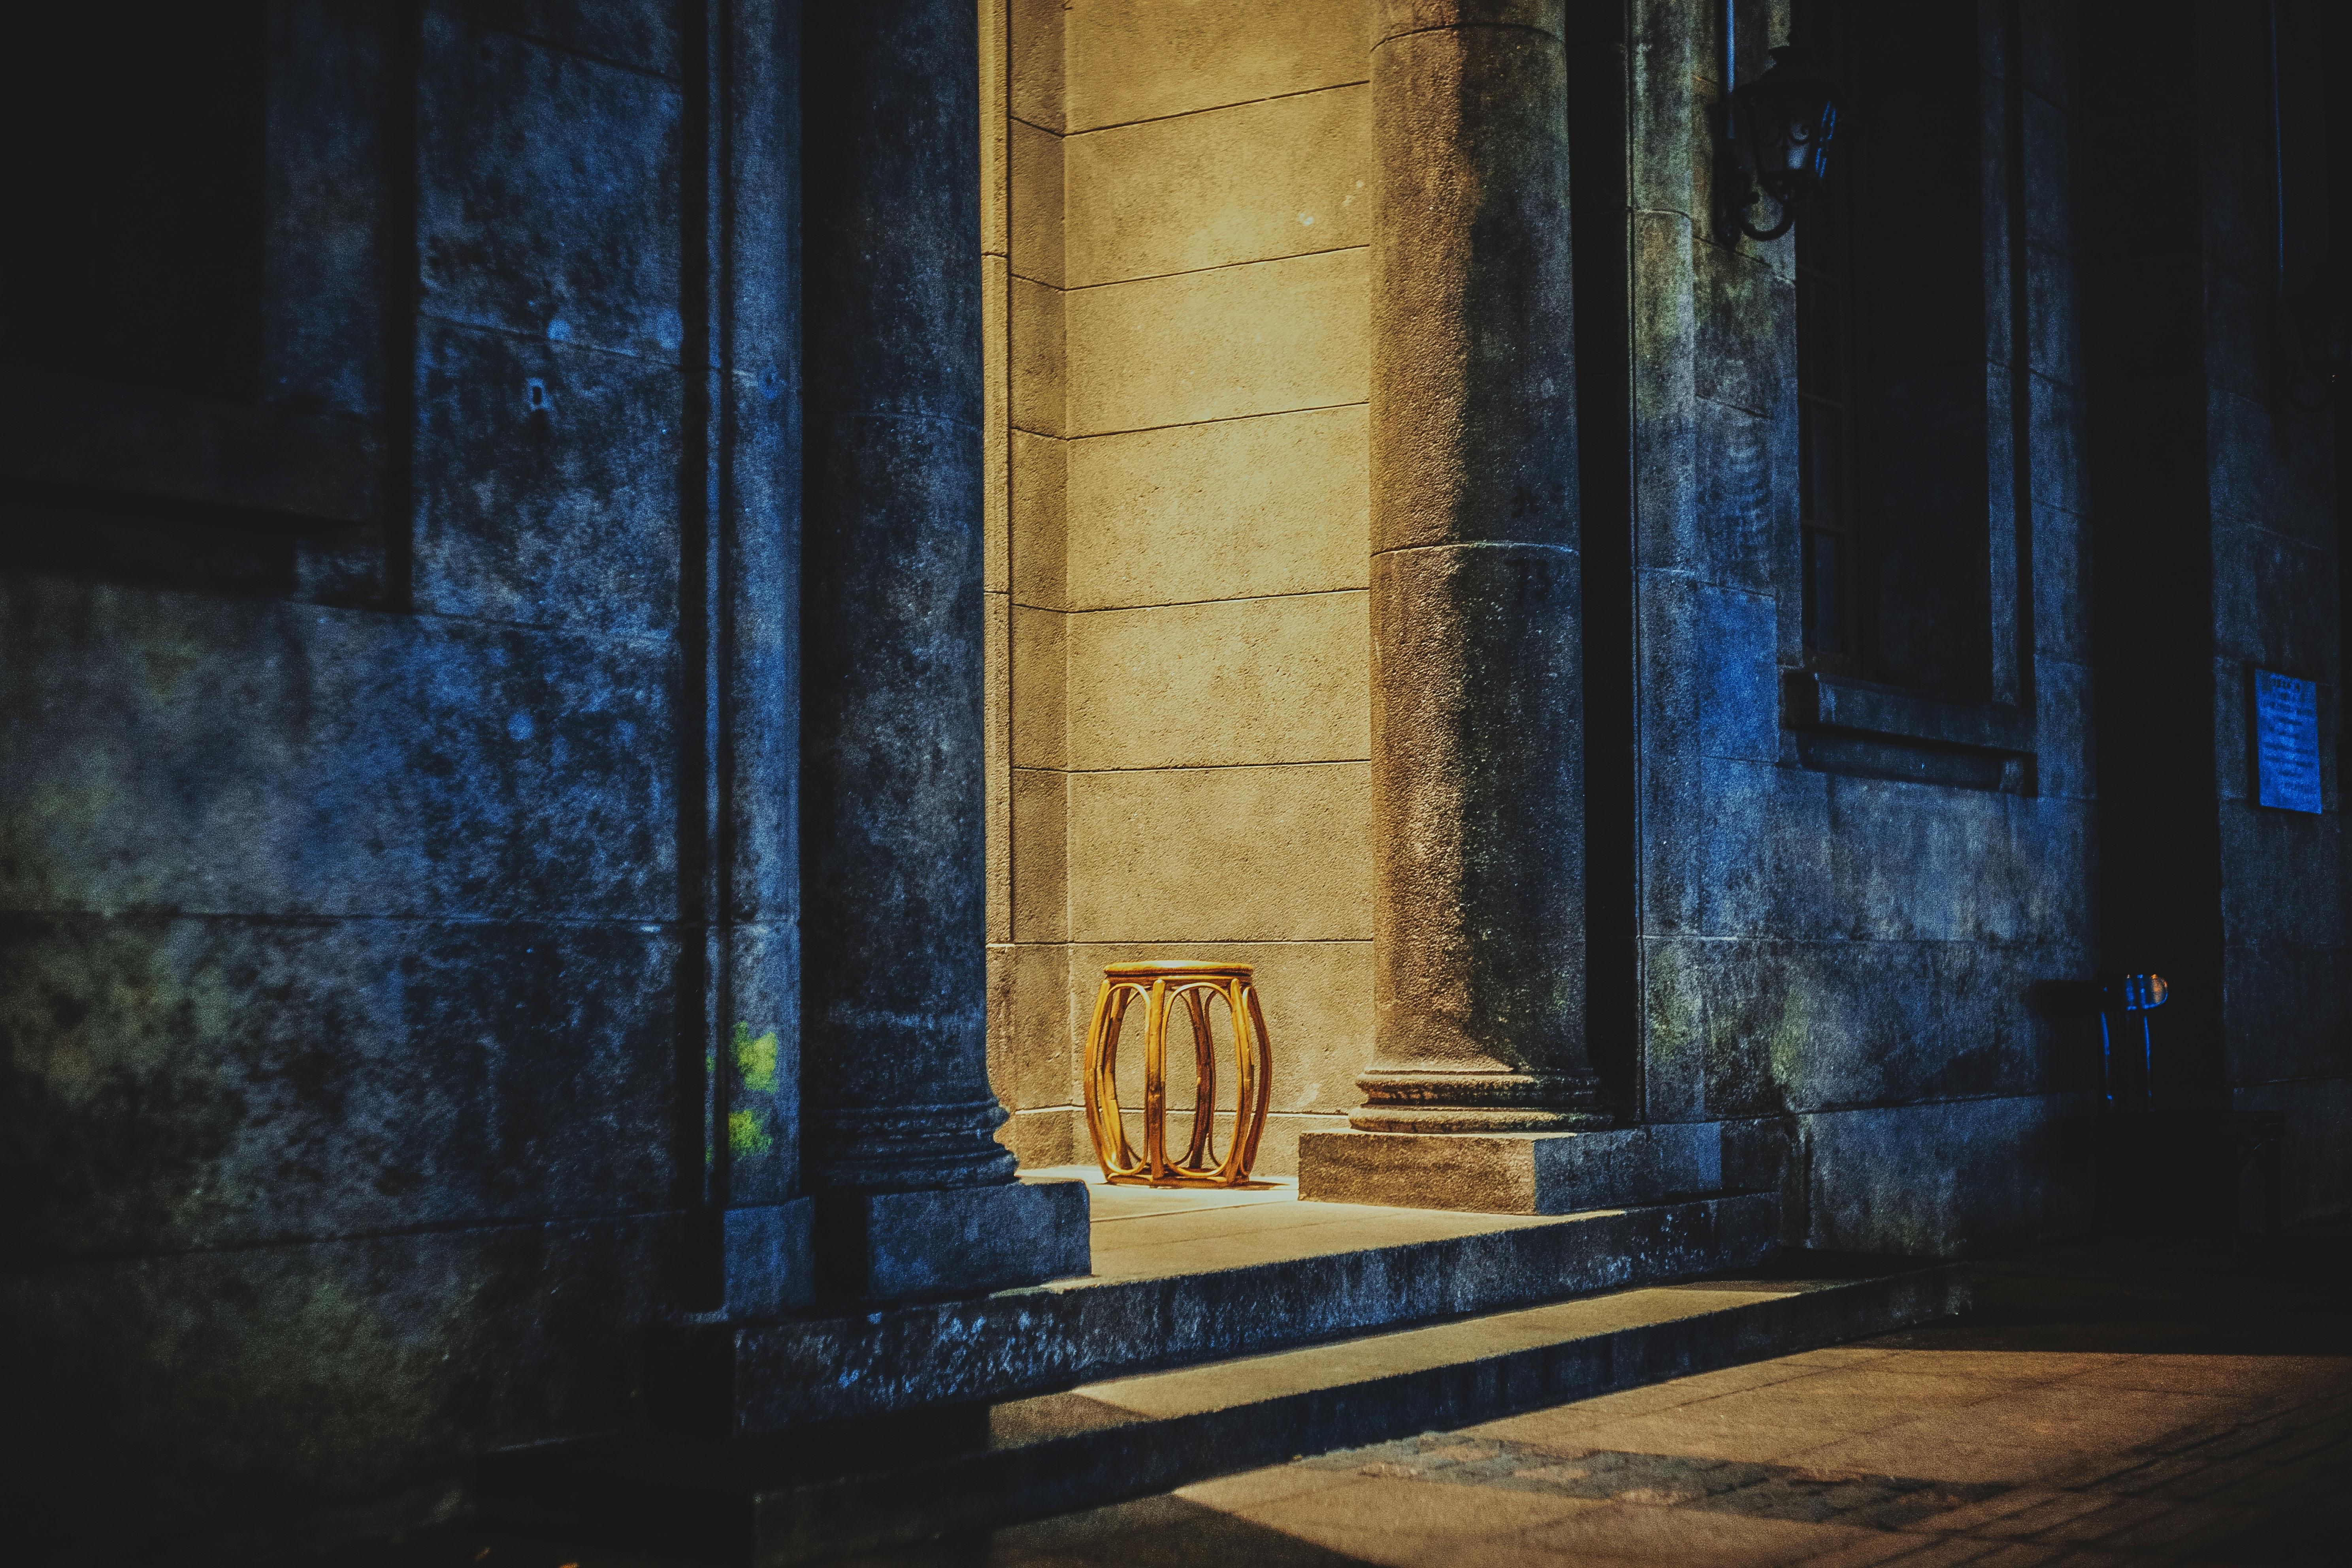 brown wooden stool beside concrete pillar